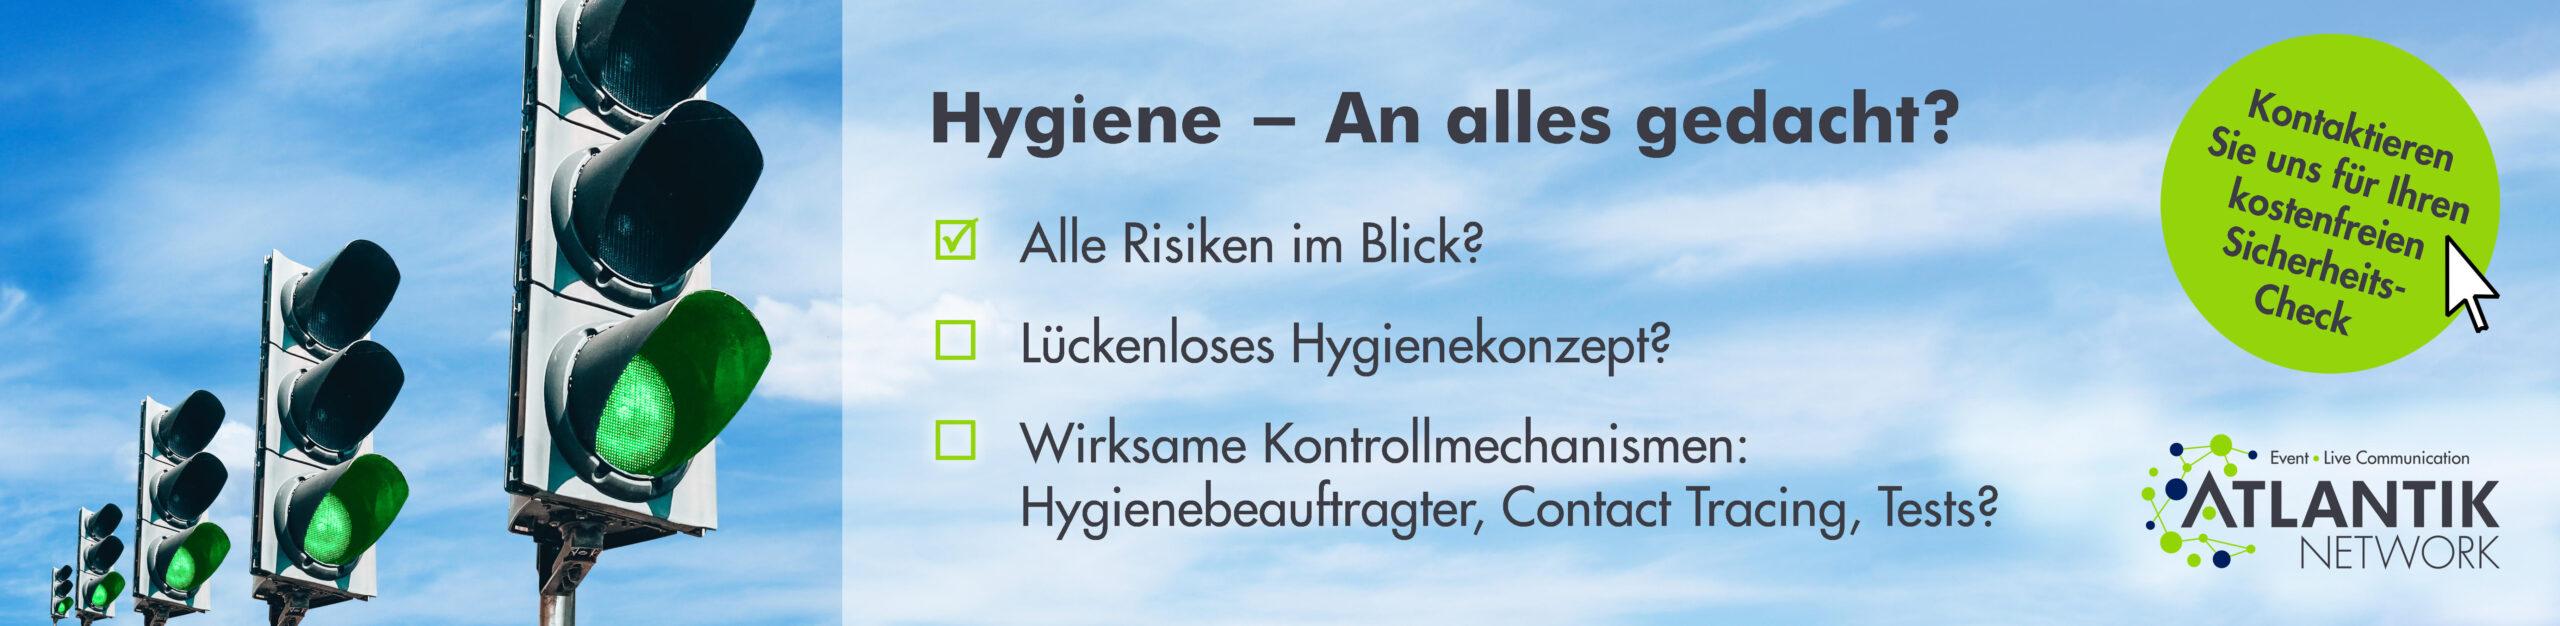 Hygienekonzept von Atlantik Network